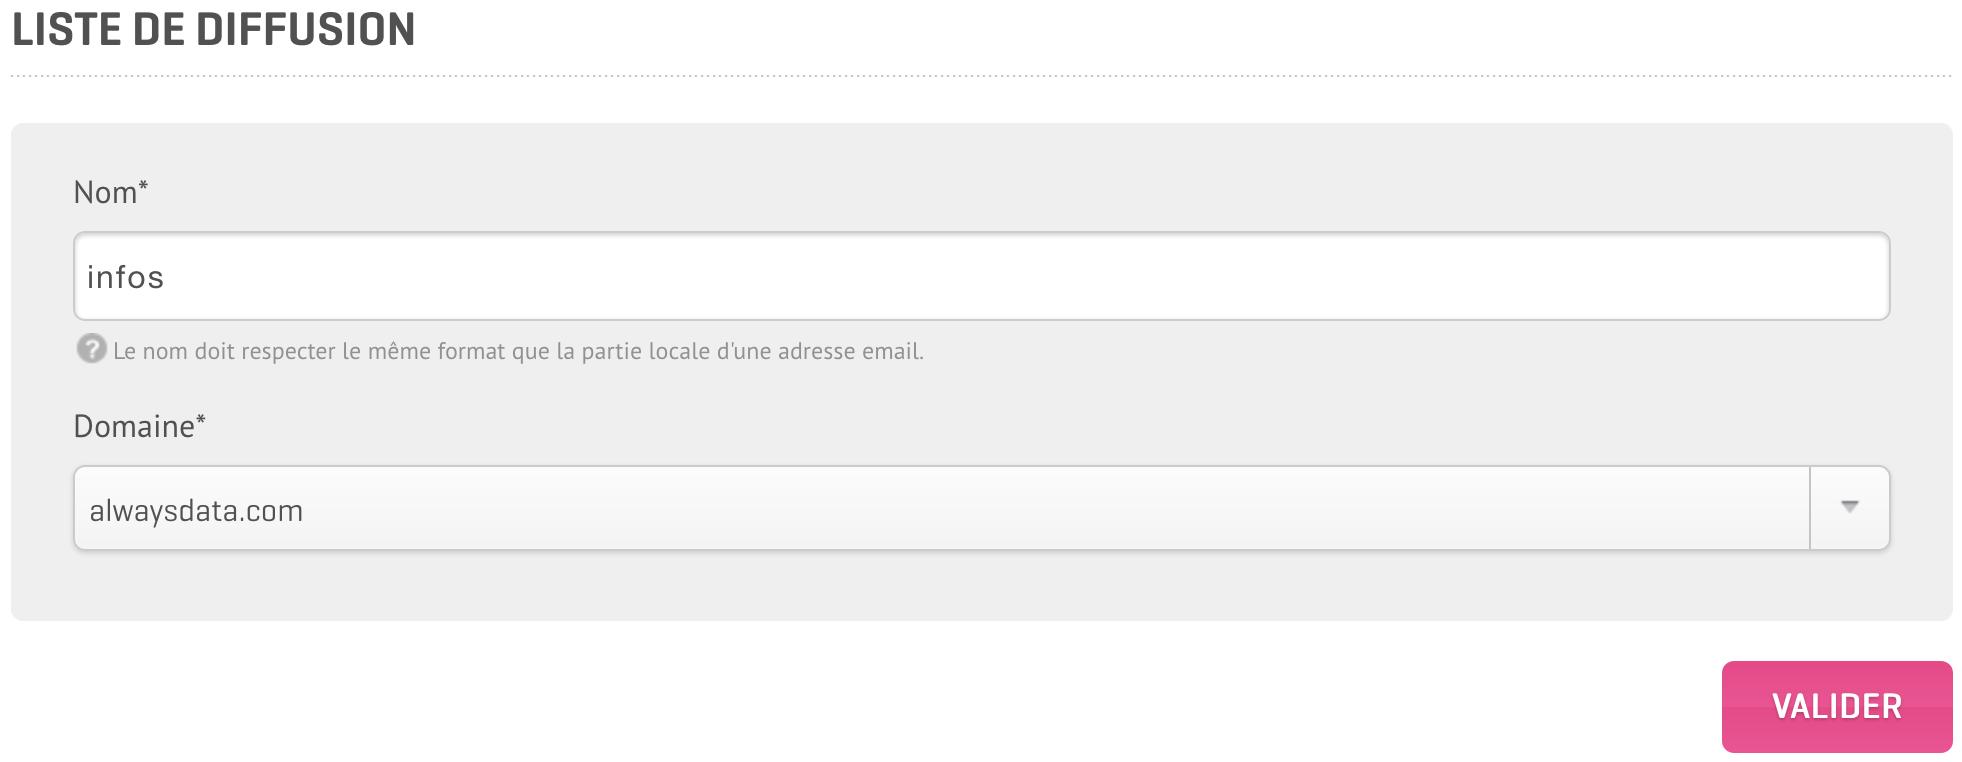 Interface d'administration : Créer une liste de diffusion